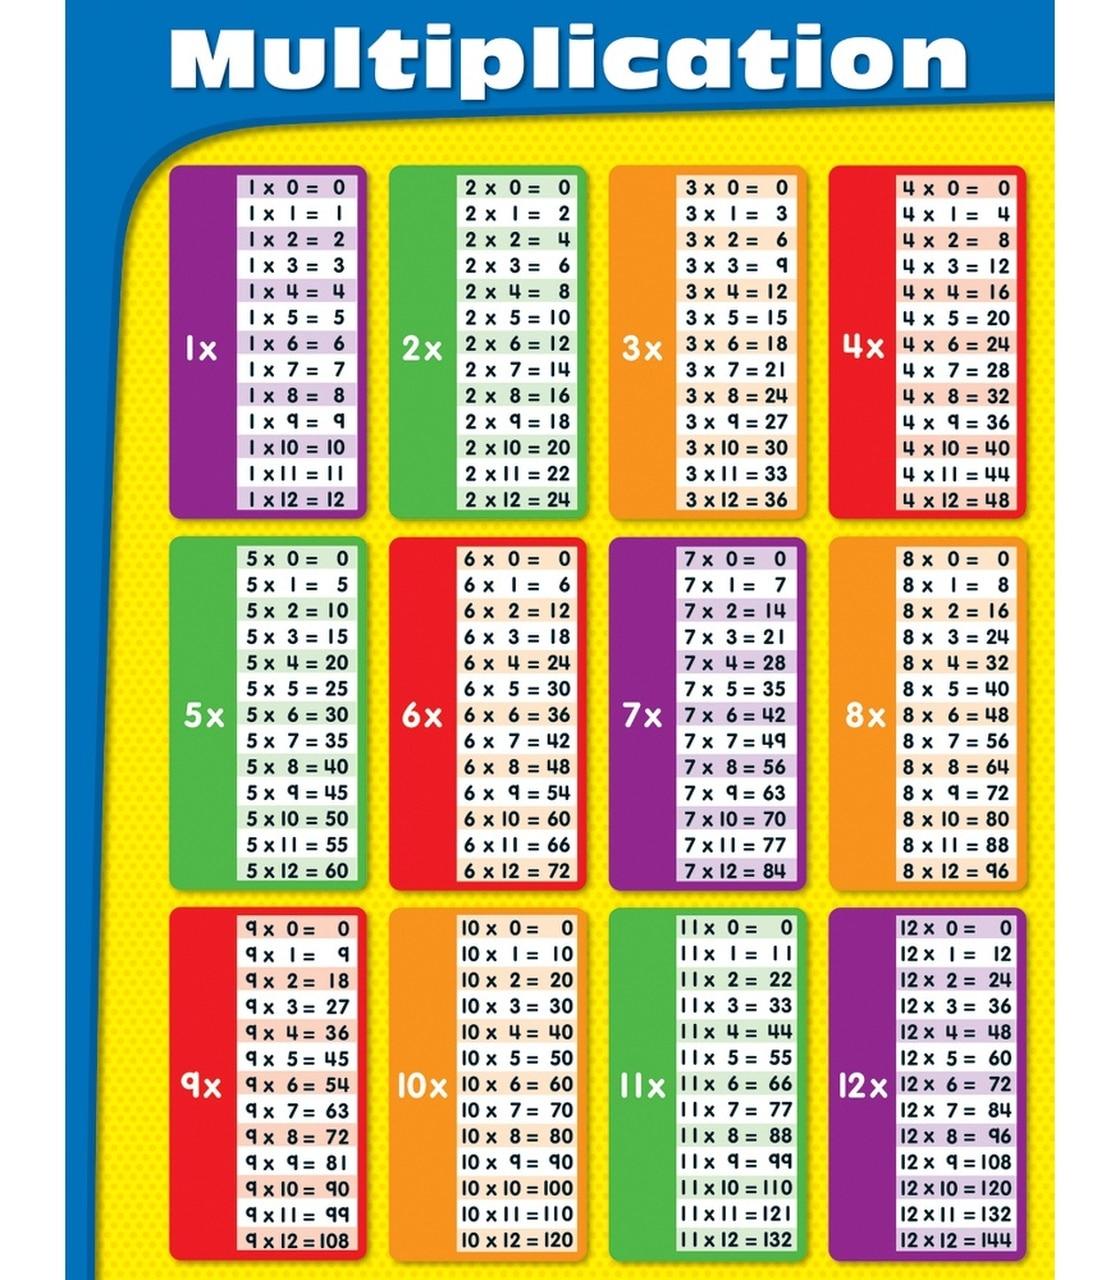 Multiplication Chart - Vatan.vtngcf regarding Printable Multiplication Chart For Desk